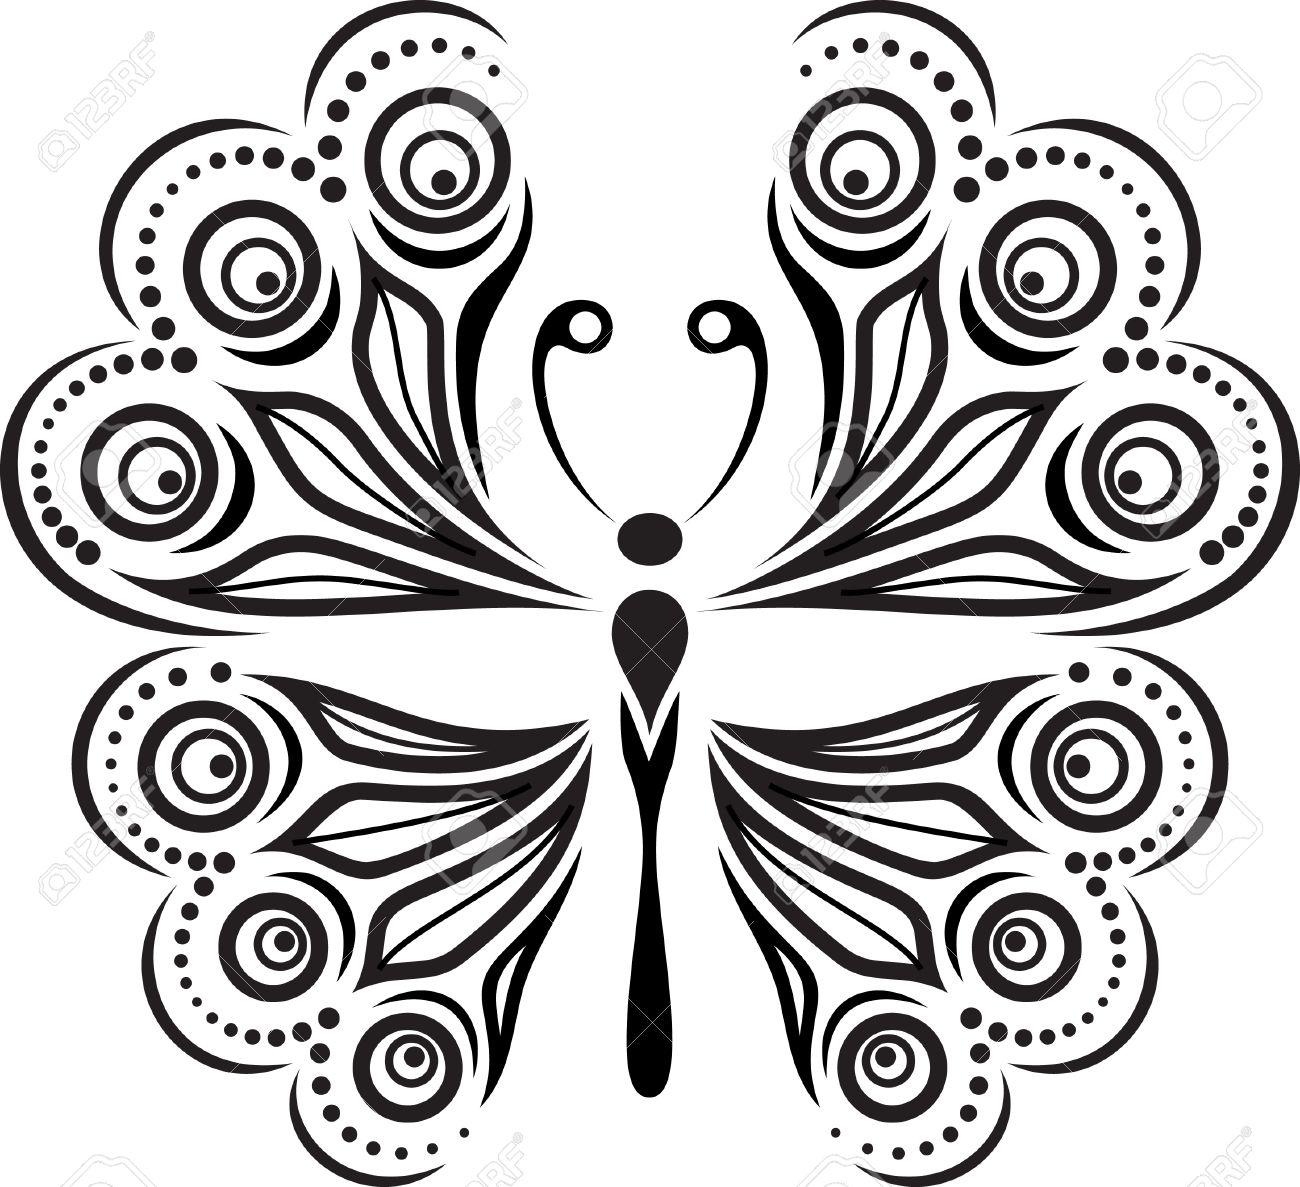 Silueta De La Mariposa Delicada Dibujo De Lineas Y Puntos